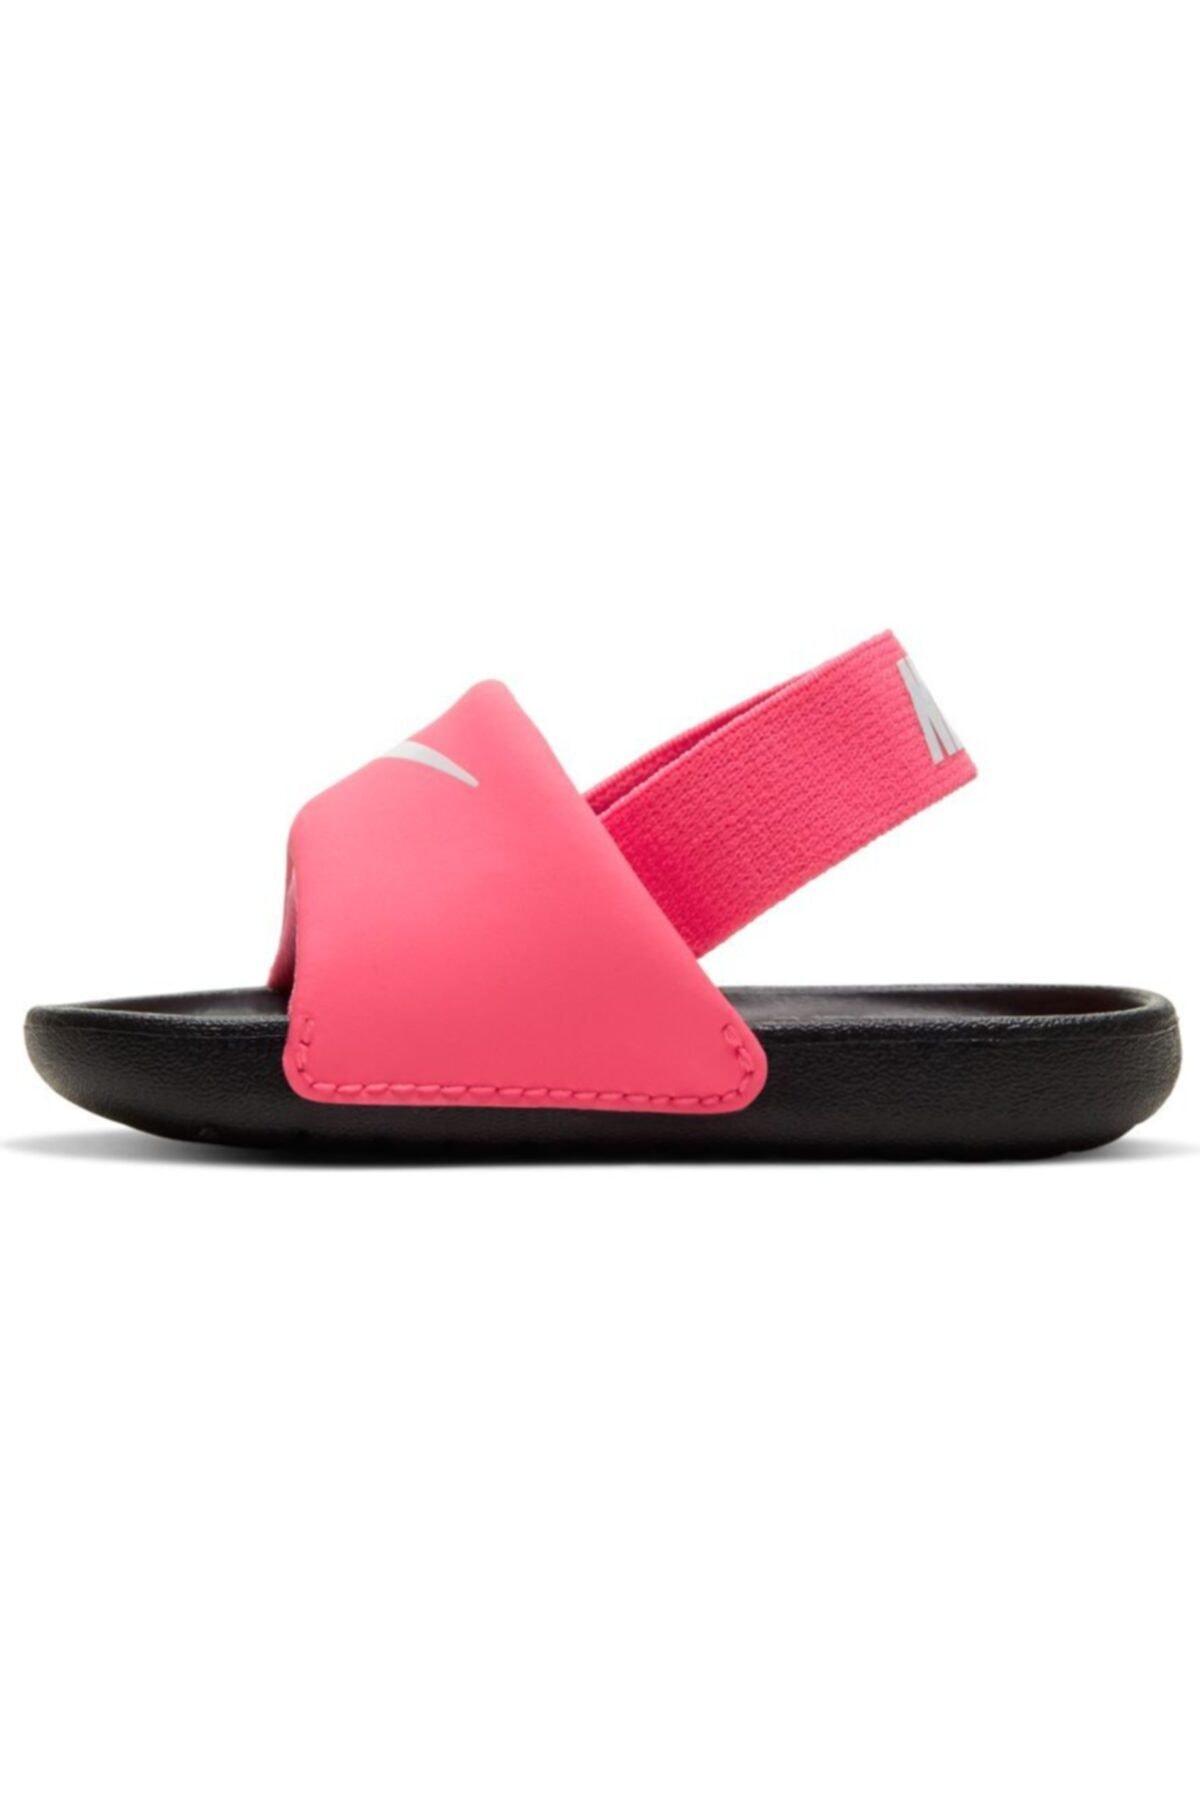 Nike Nıke Kawa Slıde Chınelo Bt Bebek Sandalet Bv1094-610 2